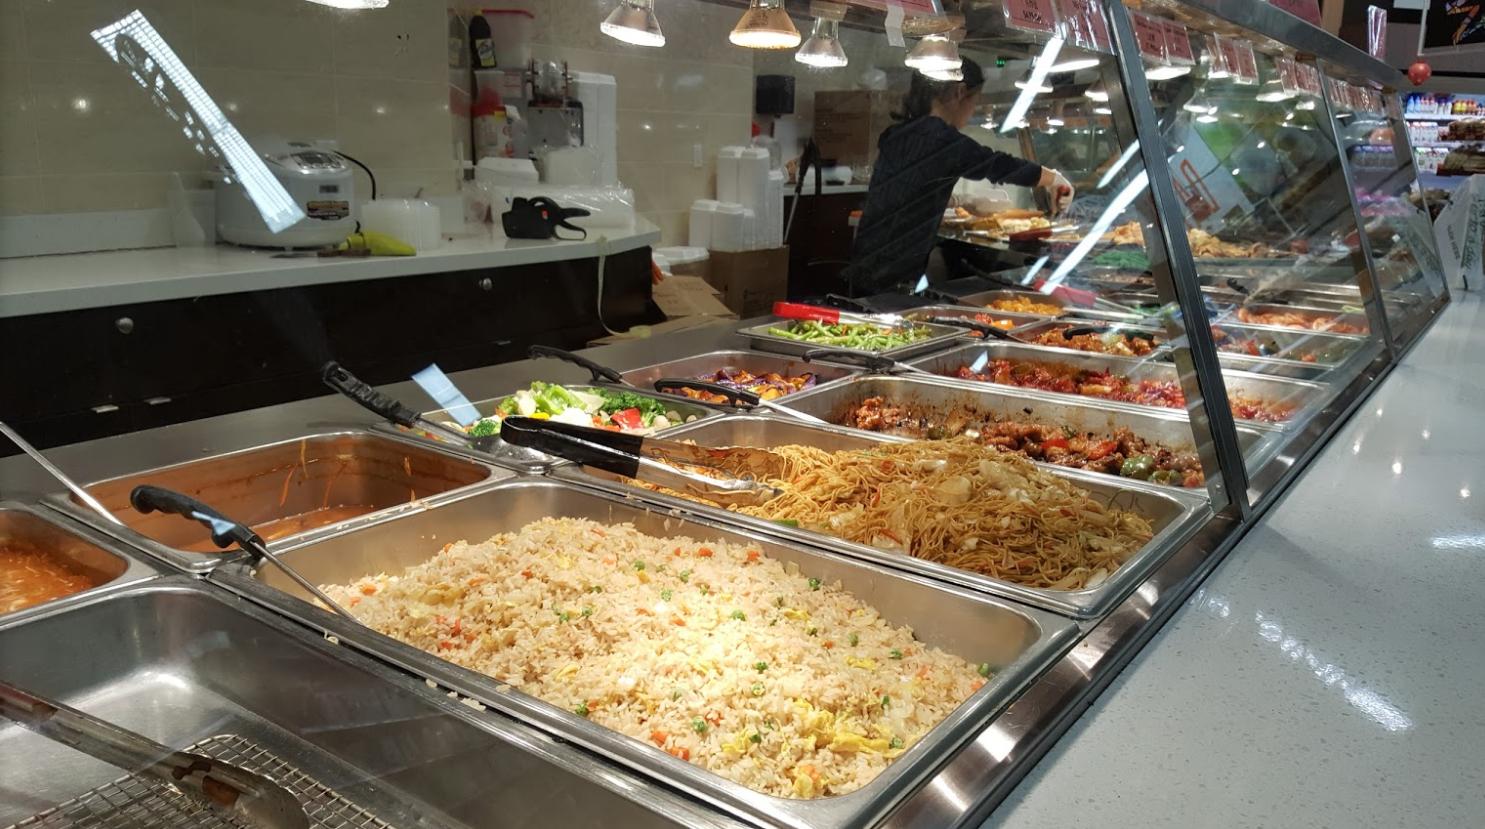 Shawarma Palace In Ottawa On Zabihah Find Halal Restaurants Near You With The Original Halal Restaurant Guide